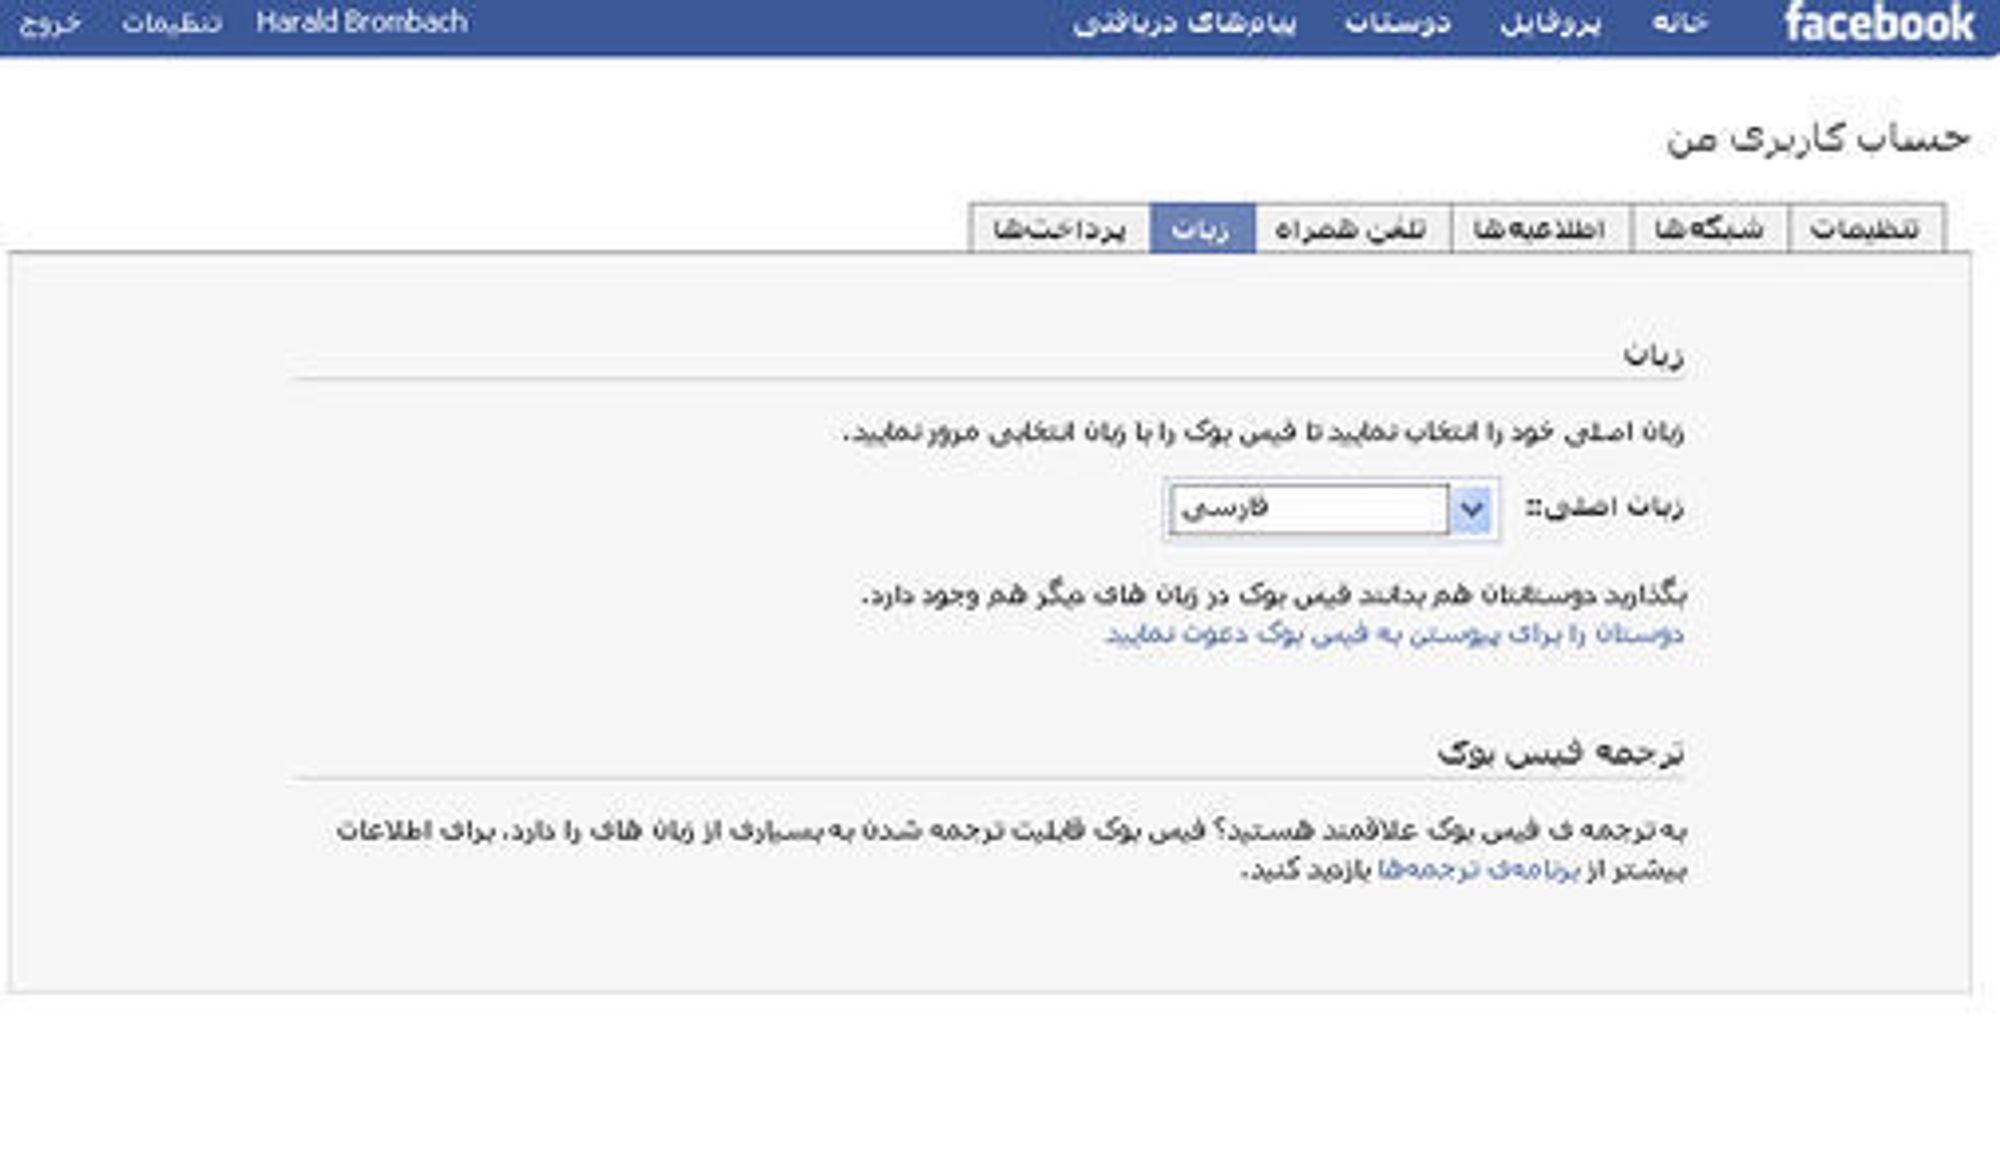 Facebook på farsi